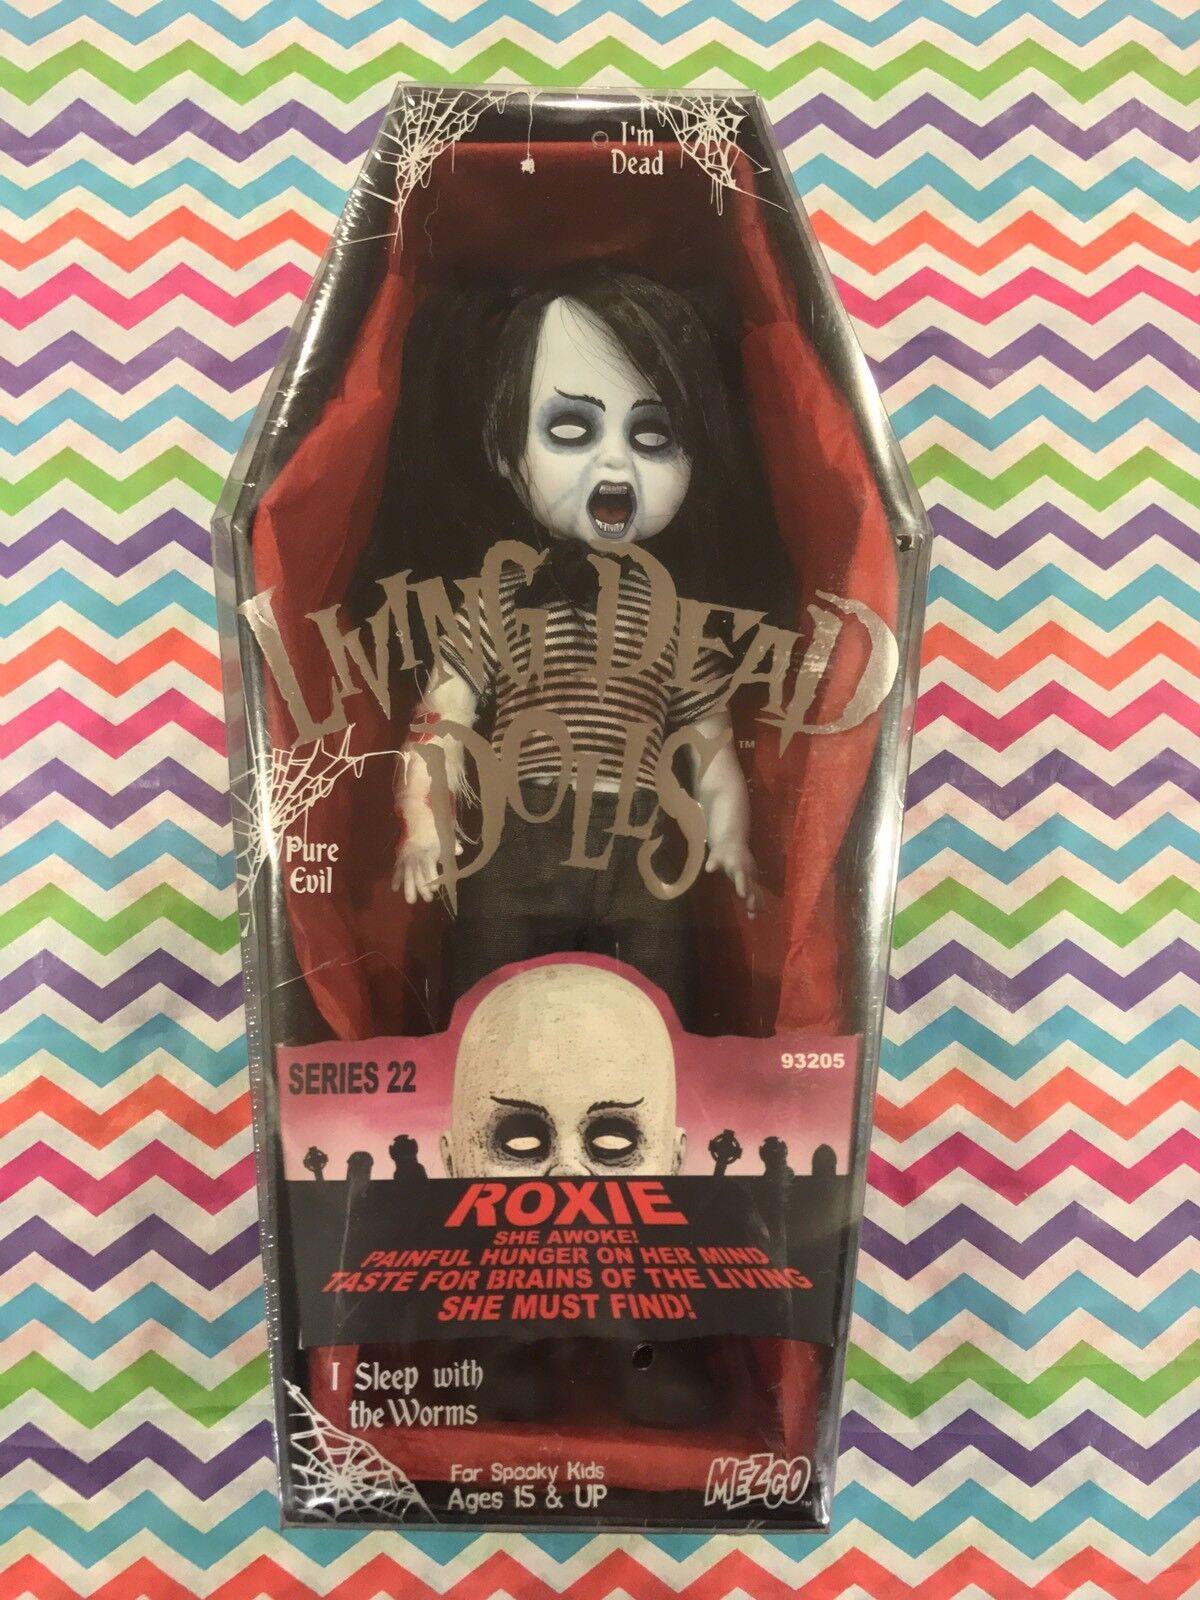 Living Dead Dolls Serie 22 Zombies Roxie Nuevo Envío gratuito